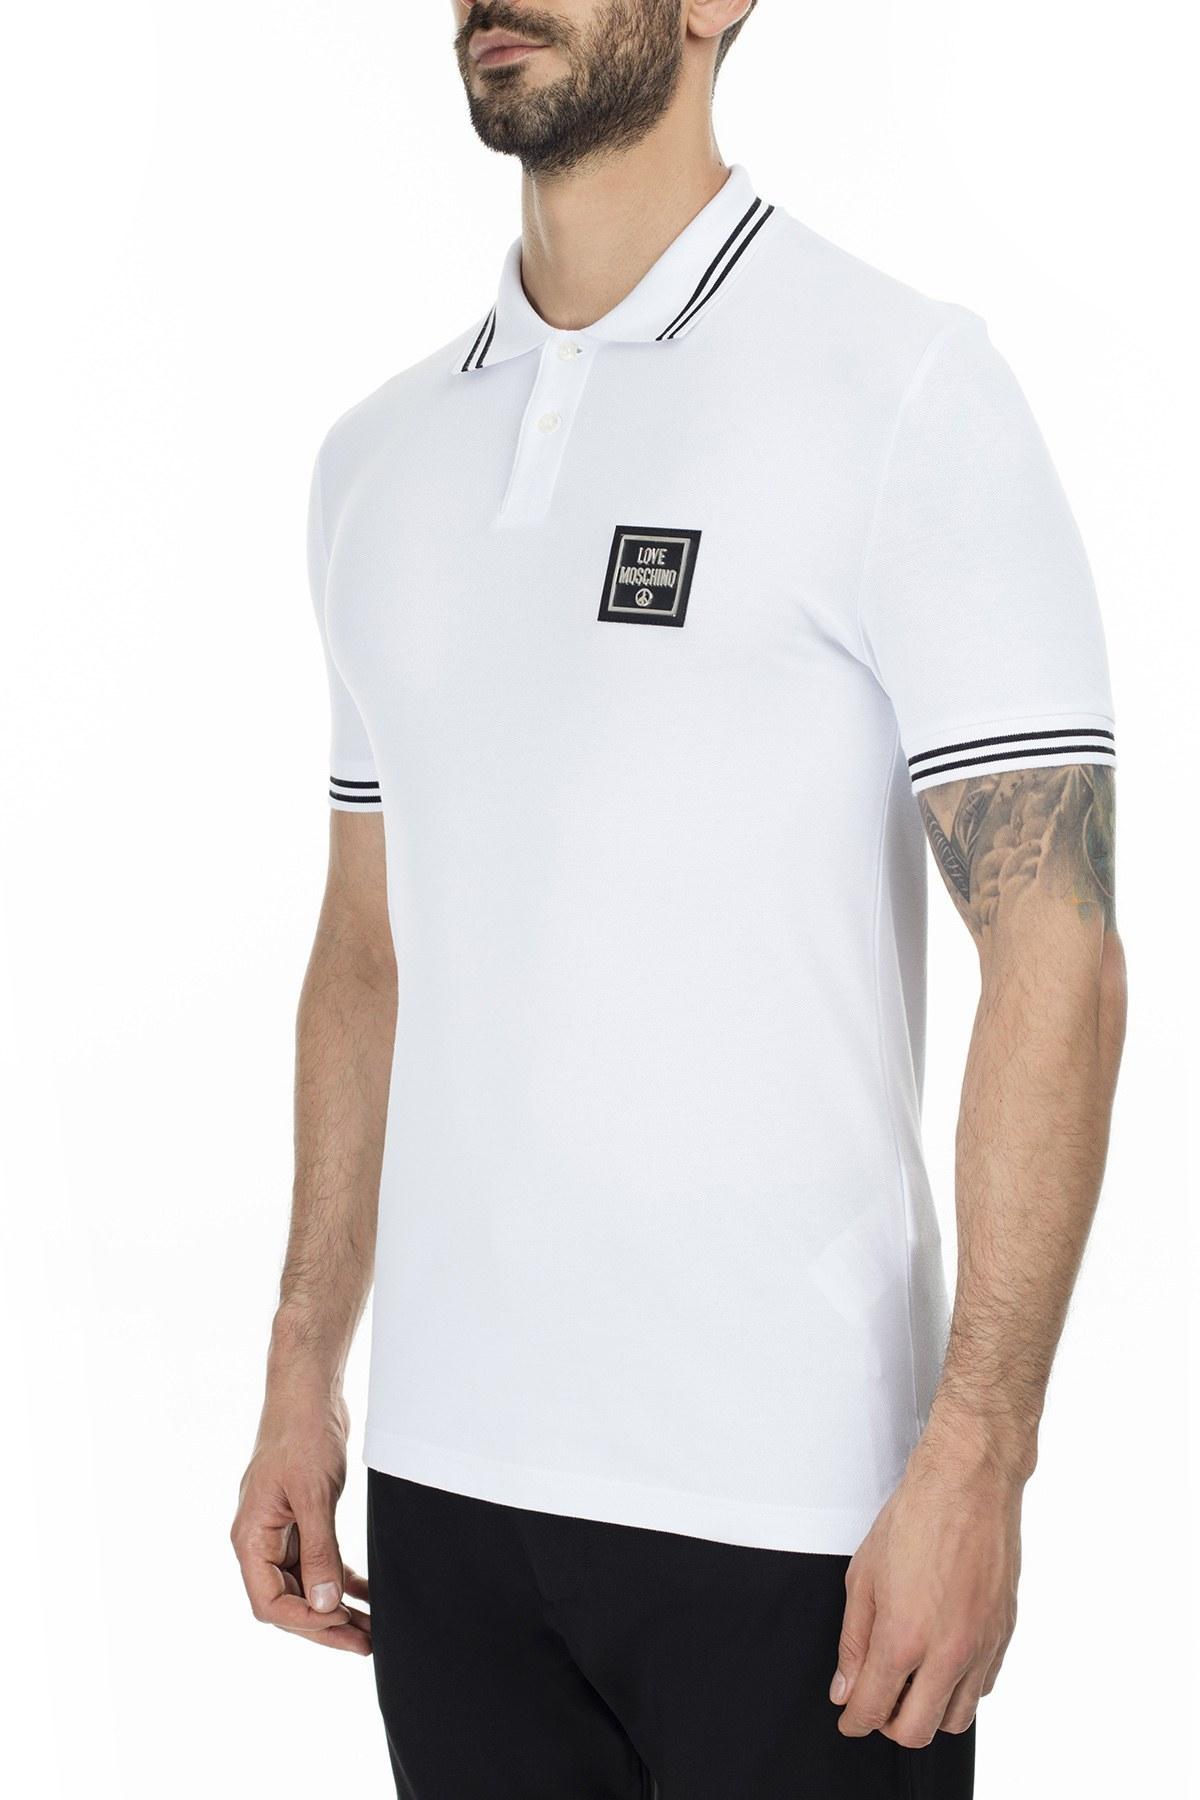 Love Moschino T Shirt Erkek Polo S M83048EE1809 A00 BEYAZ